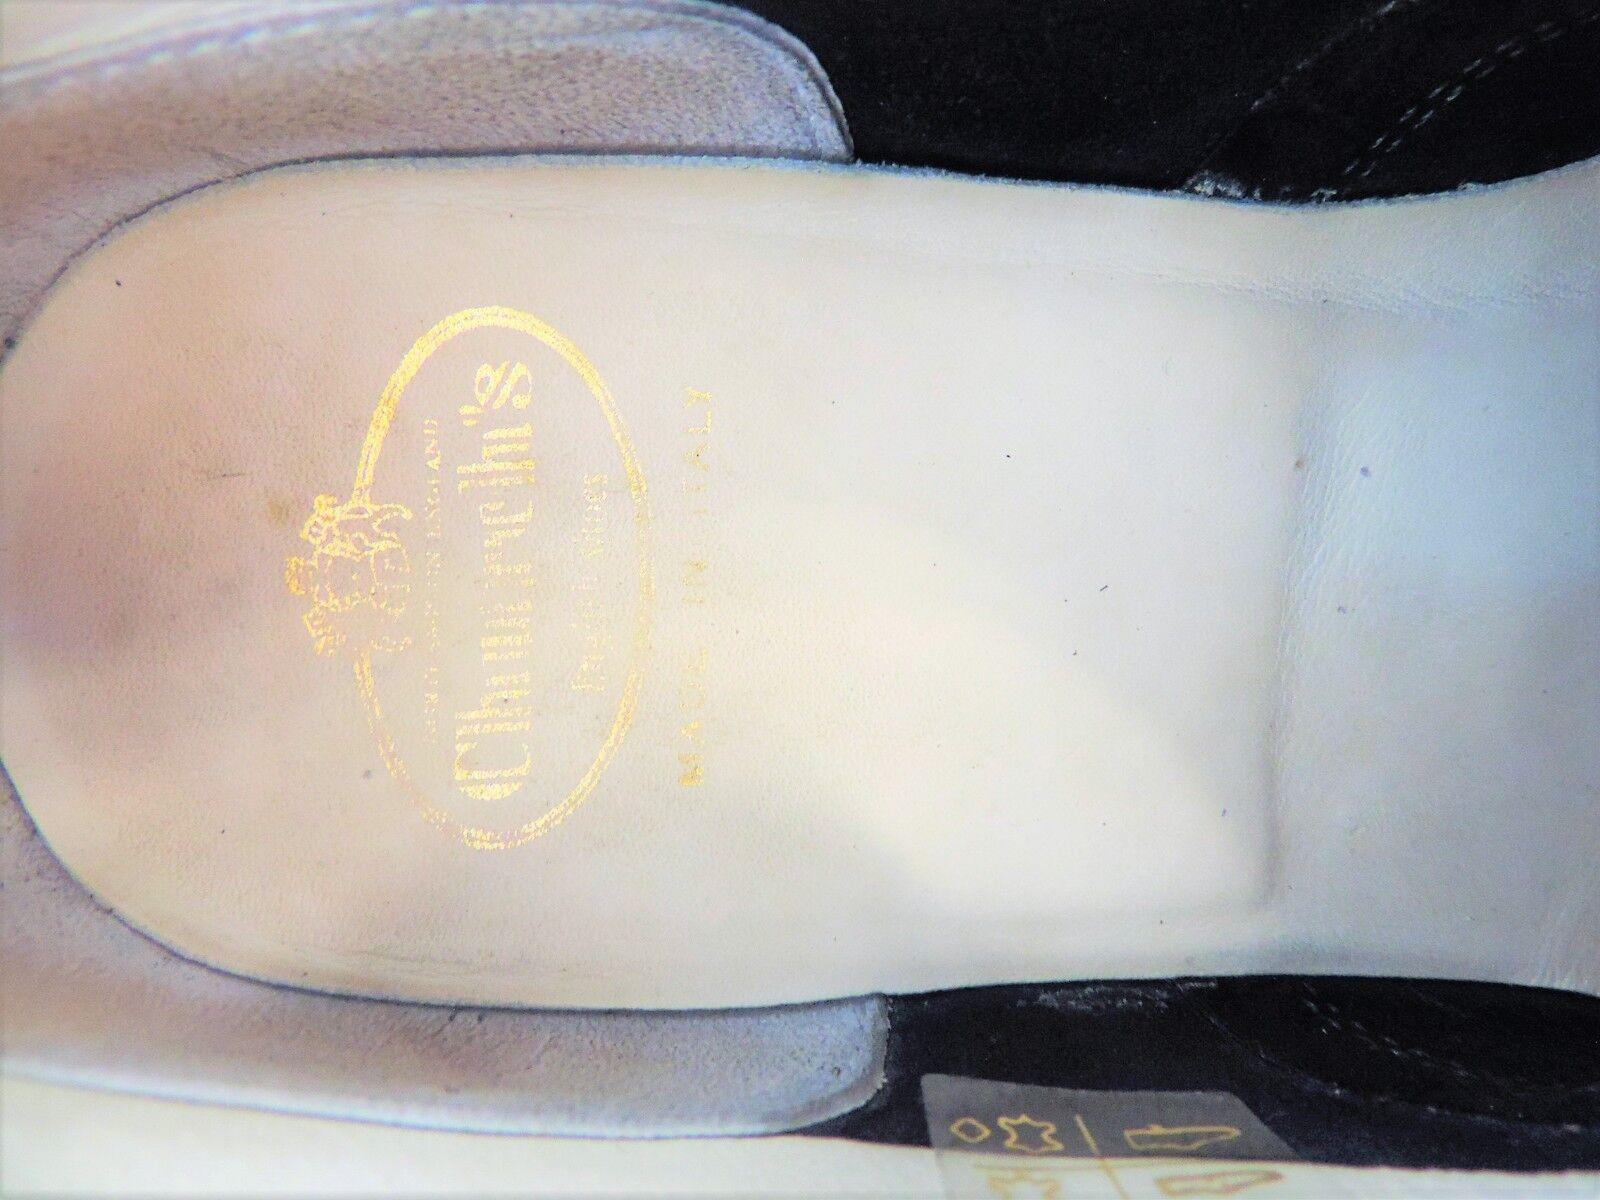 CHURCH'S Donna Blu Camoscio US 5.5 EU 37.5 indossato solo solo solo 2 3 volte come nuovo ae07c4